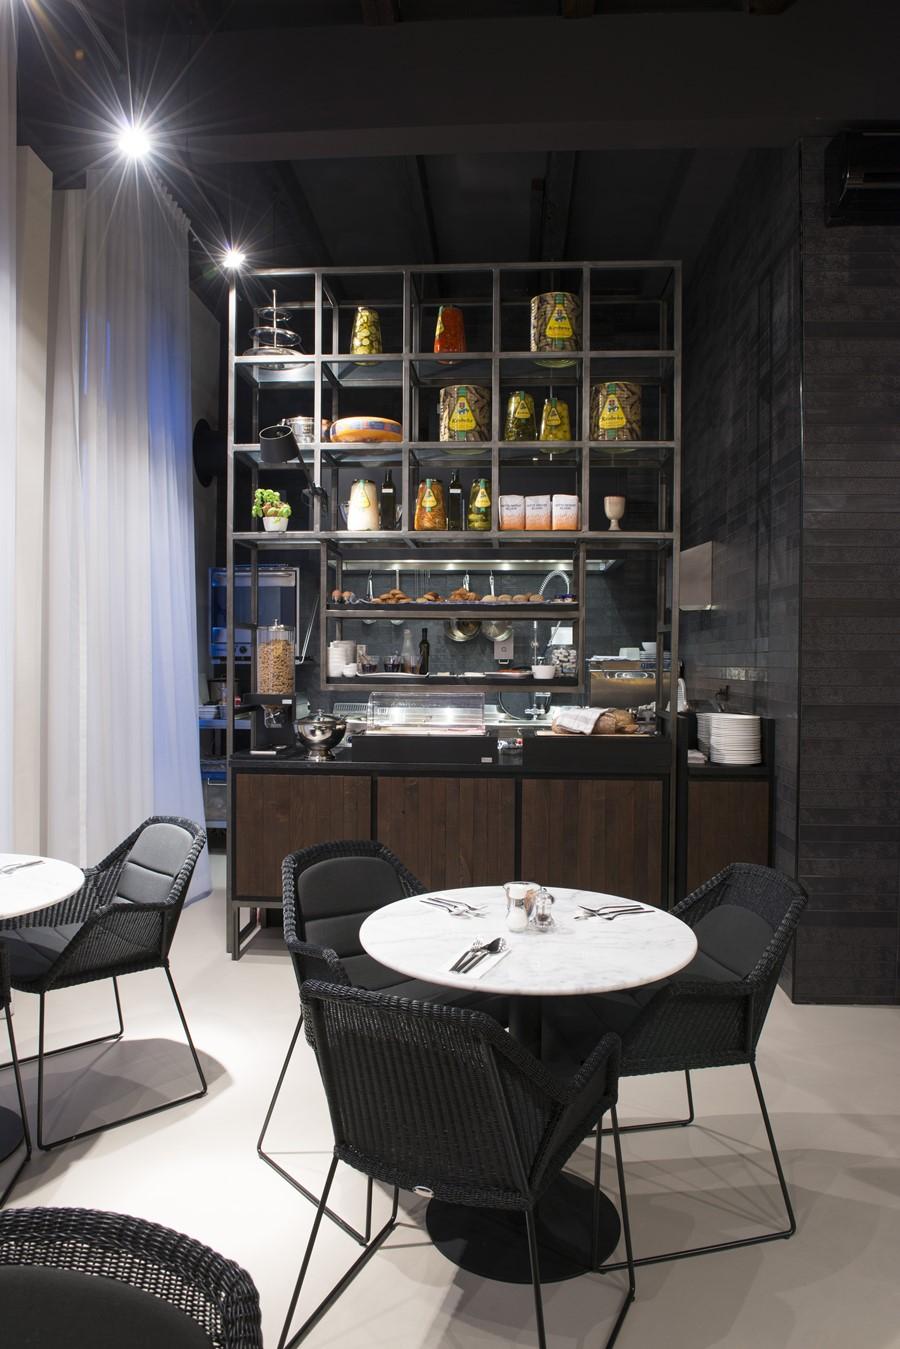 Boutique hotel, Amsterdam by Jeroen de Nijs 08